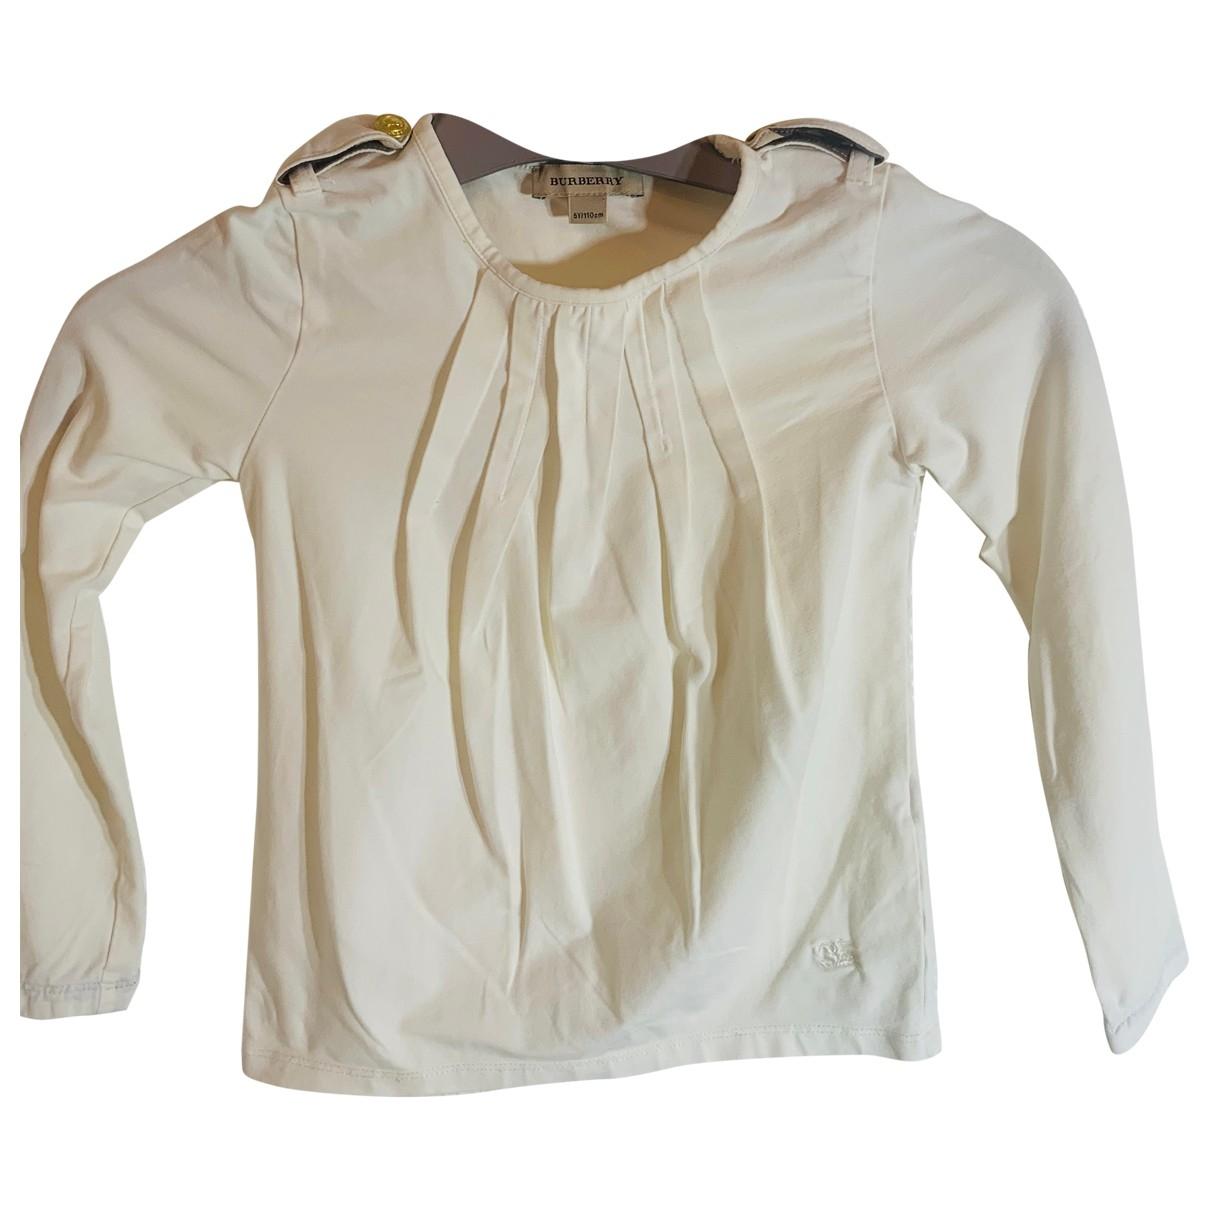 Burberry - Pull   pour enfant en coton - blanc